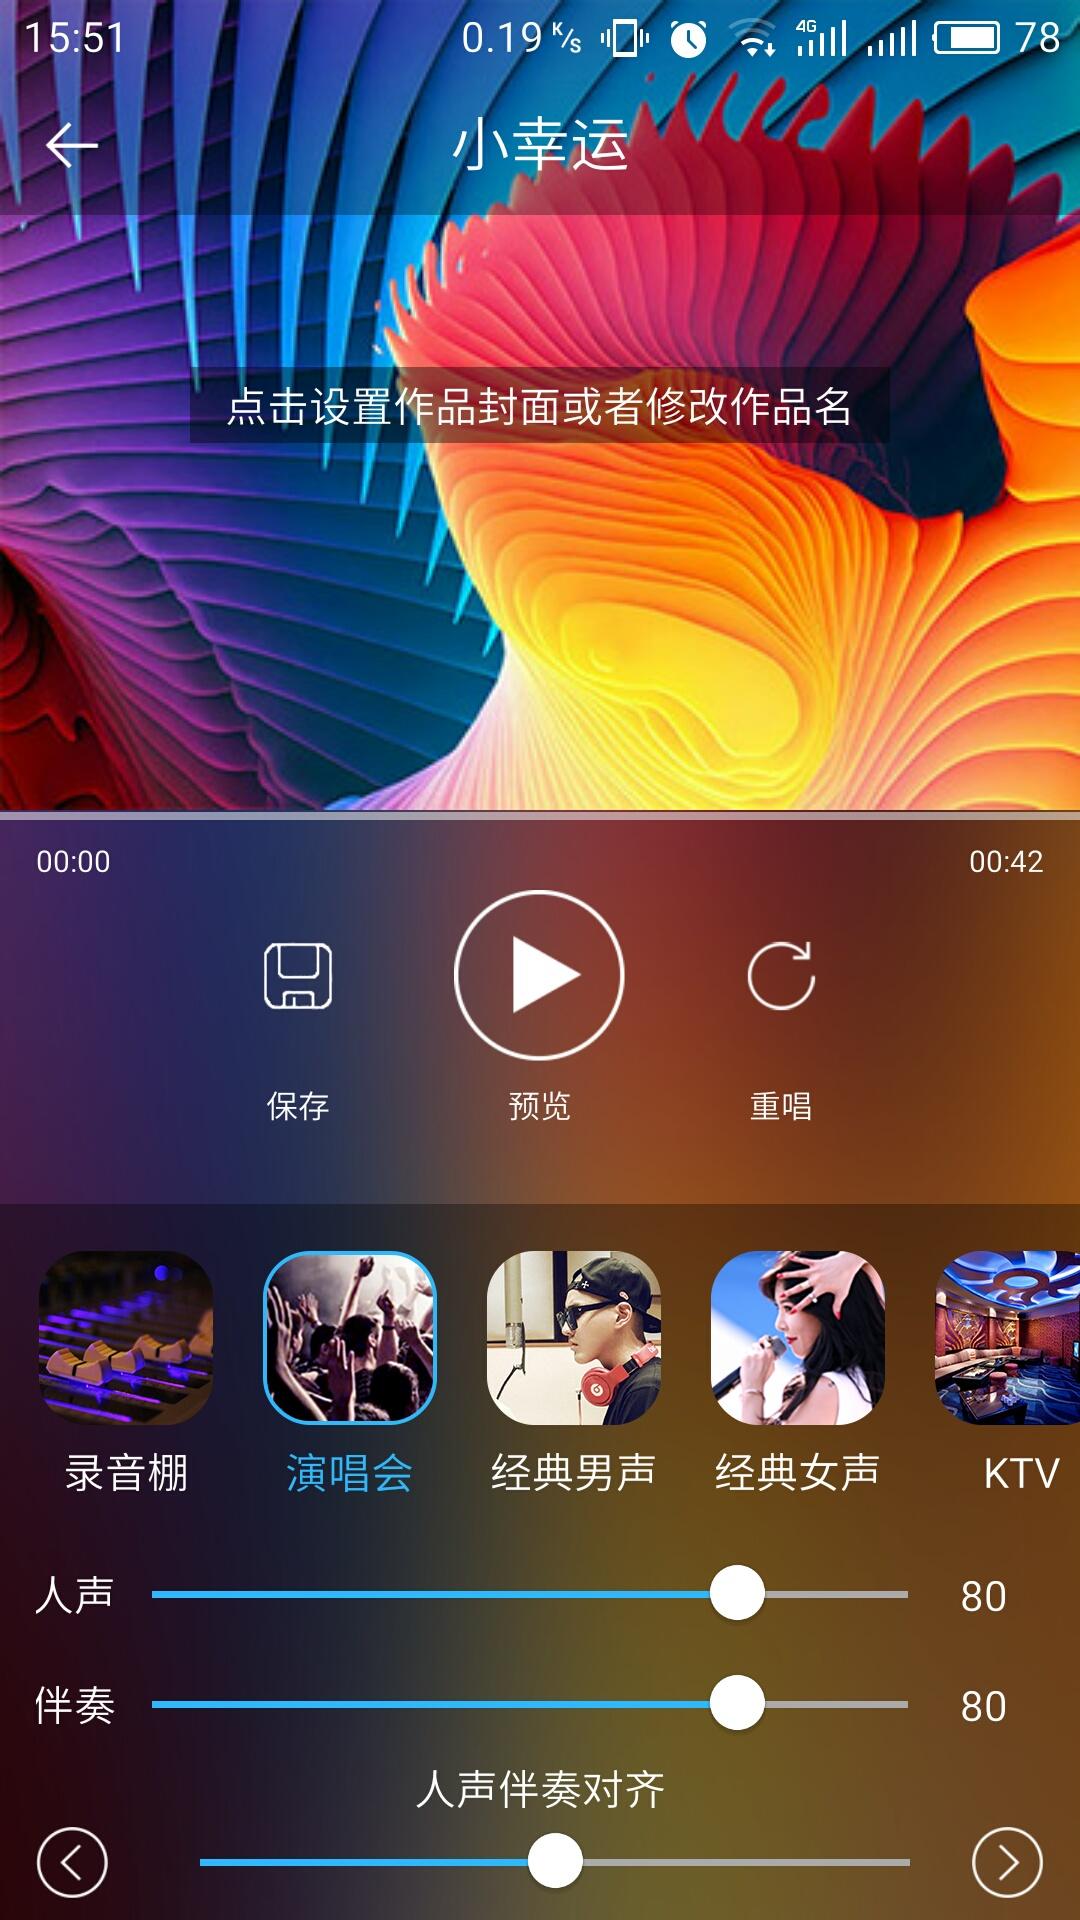 天籁K歌 4.9.9.7 官方最新版-第7张图片-cc下载站